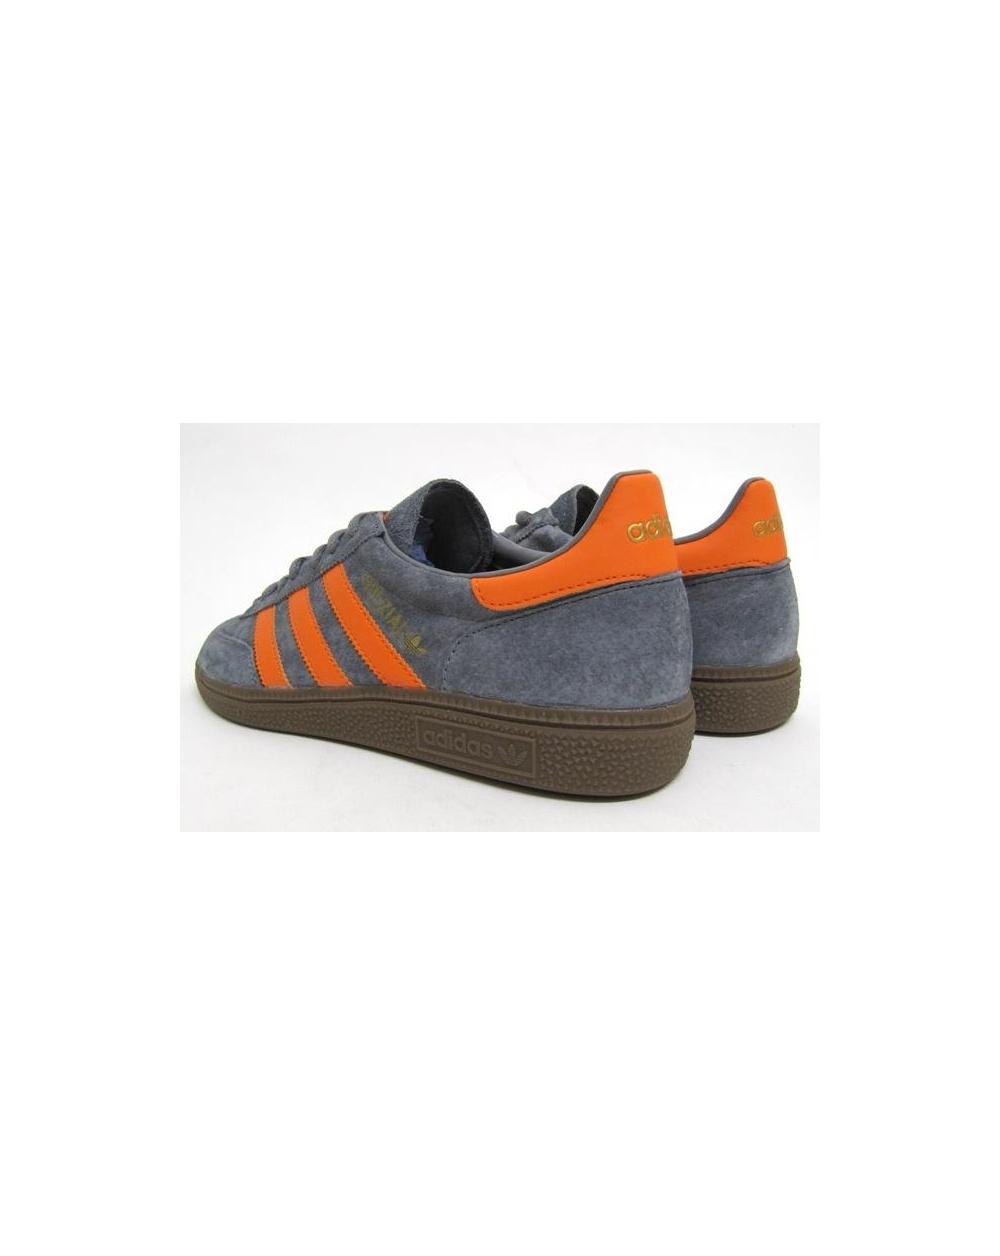 adidas samba grey orange